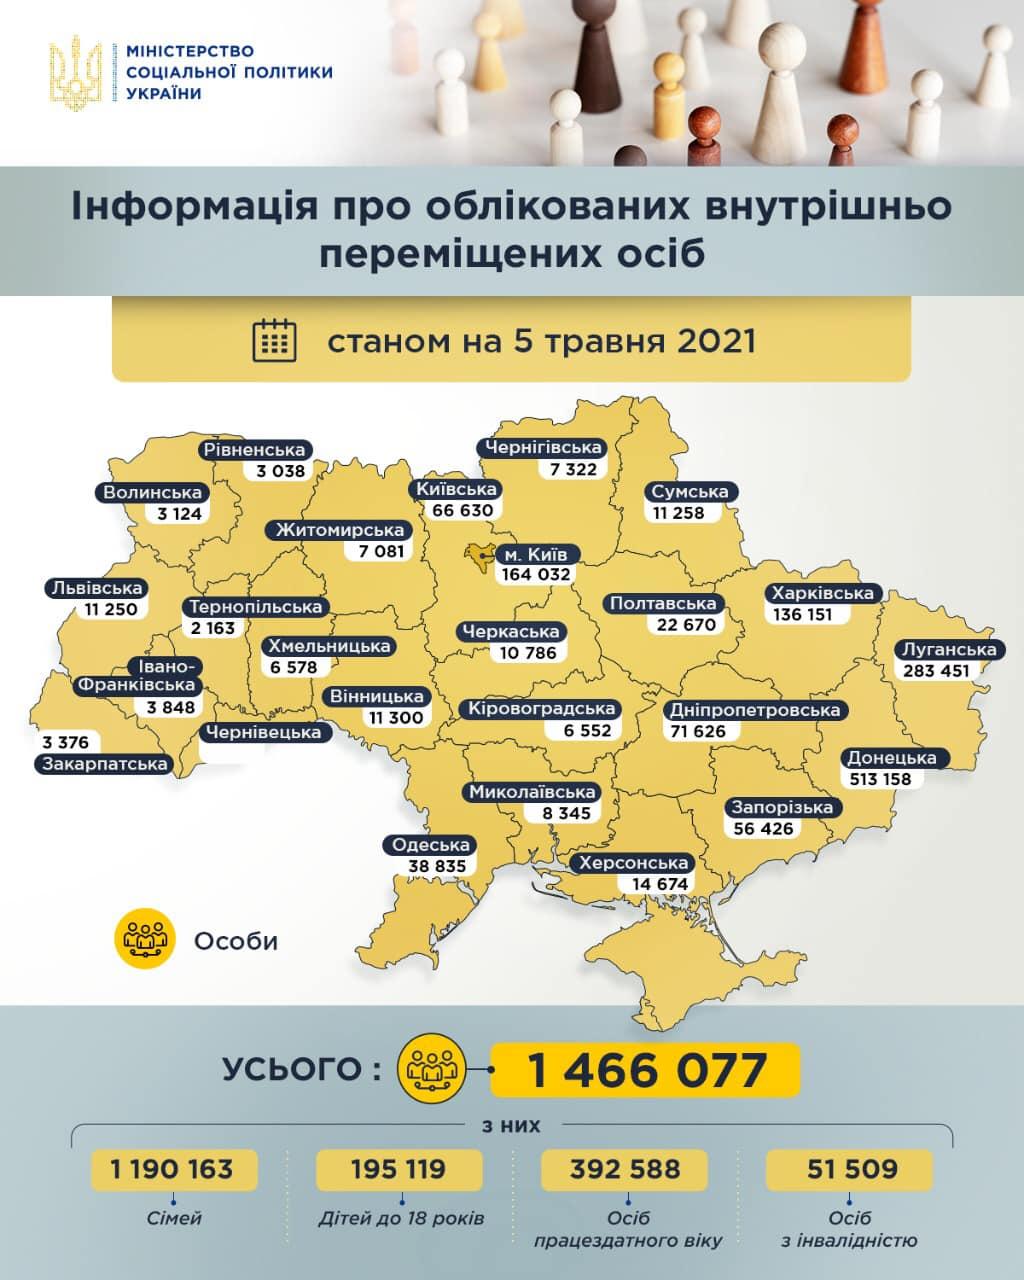 Як по Україні розподілилися переселенці з окупованих територій: карта Мінсоцполітики